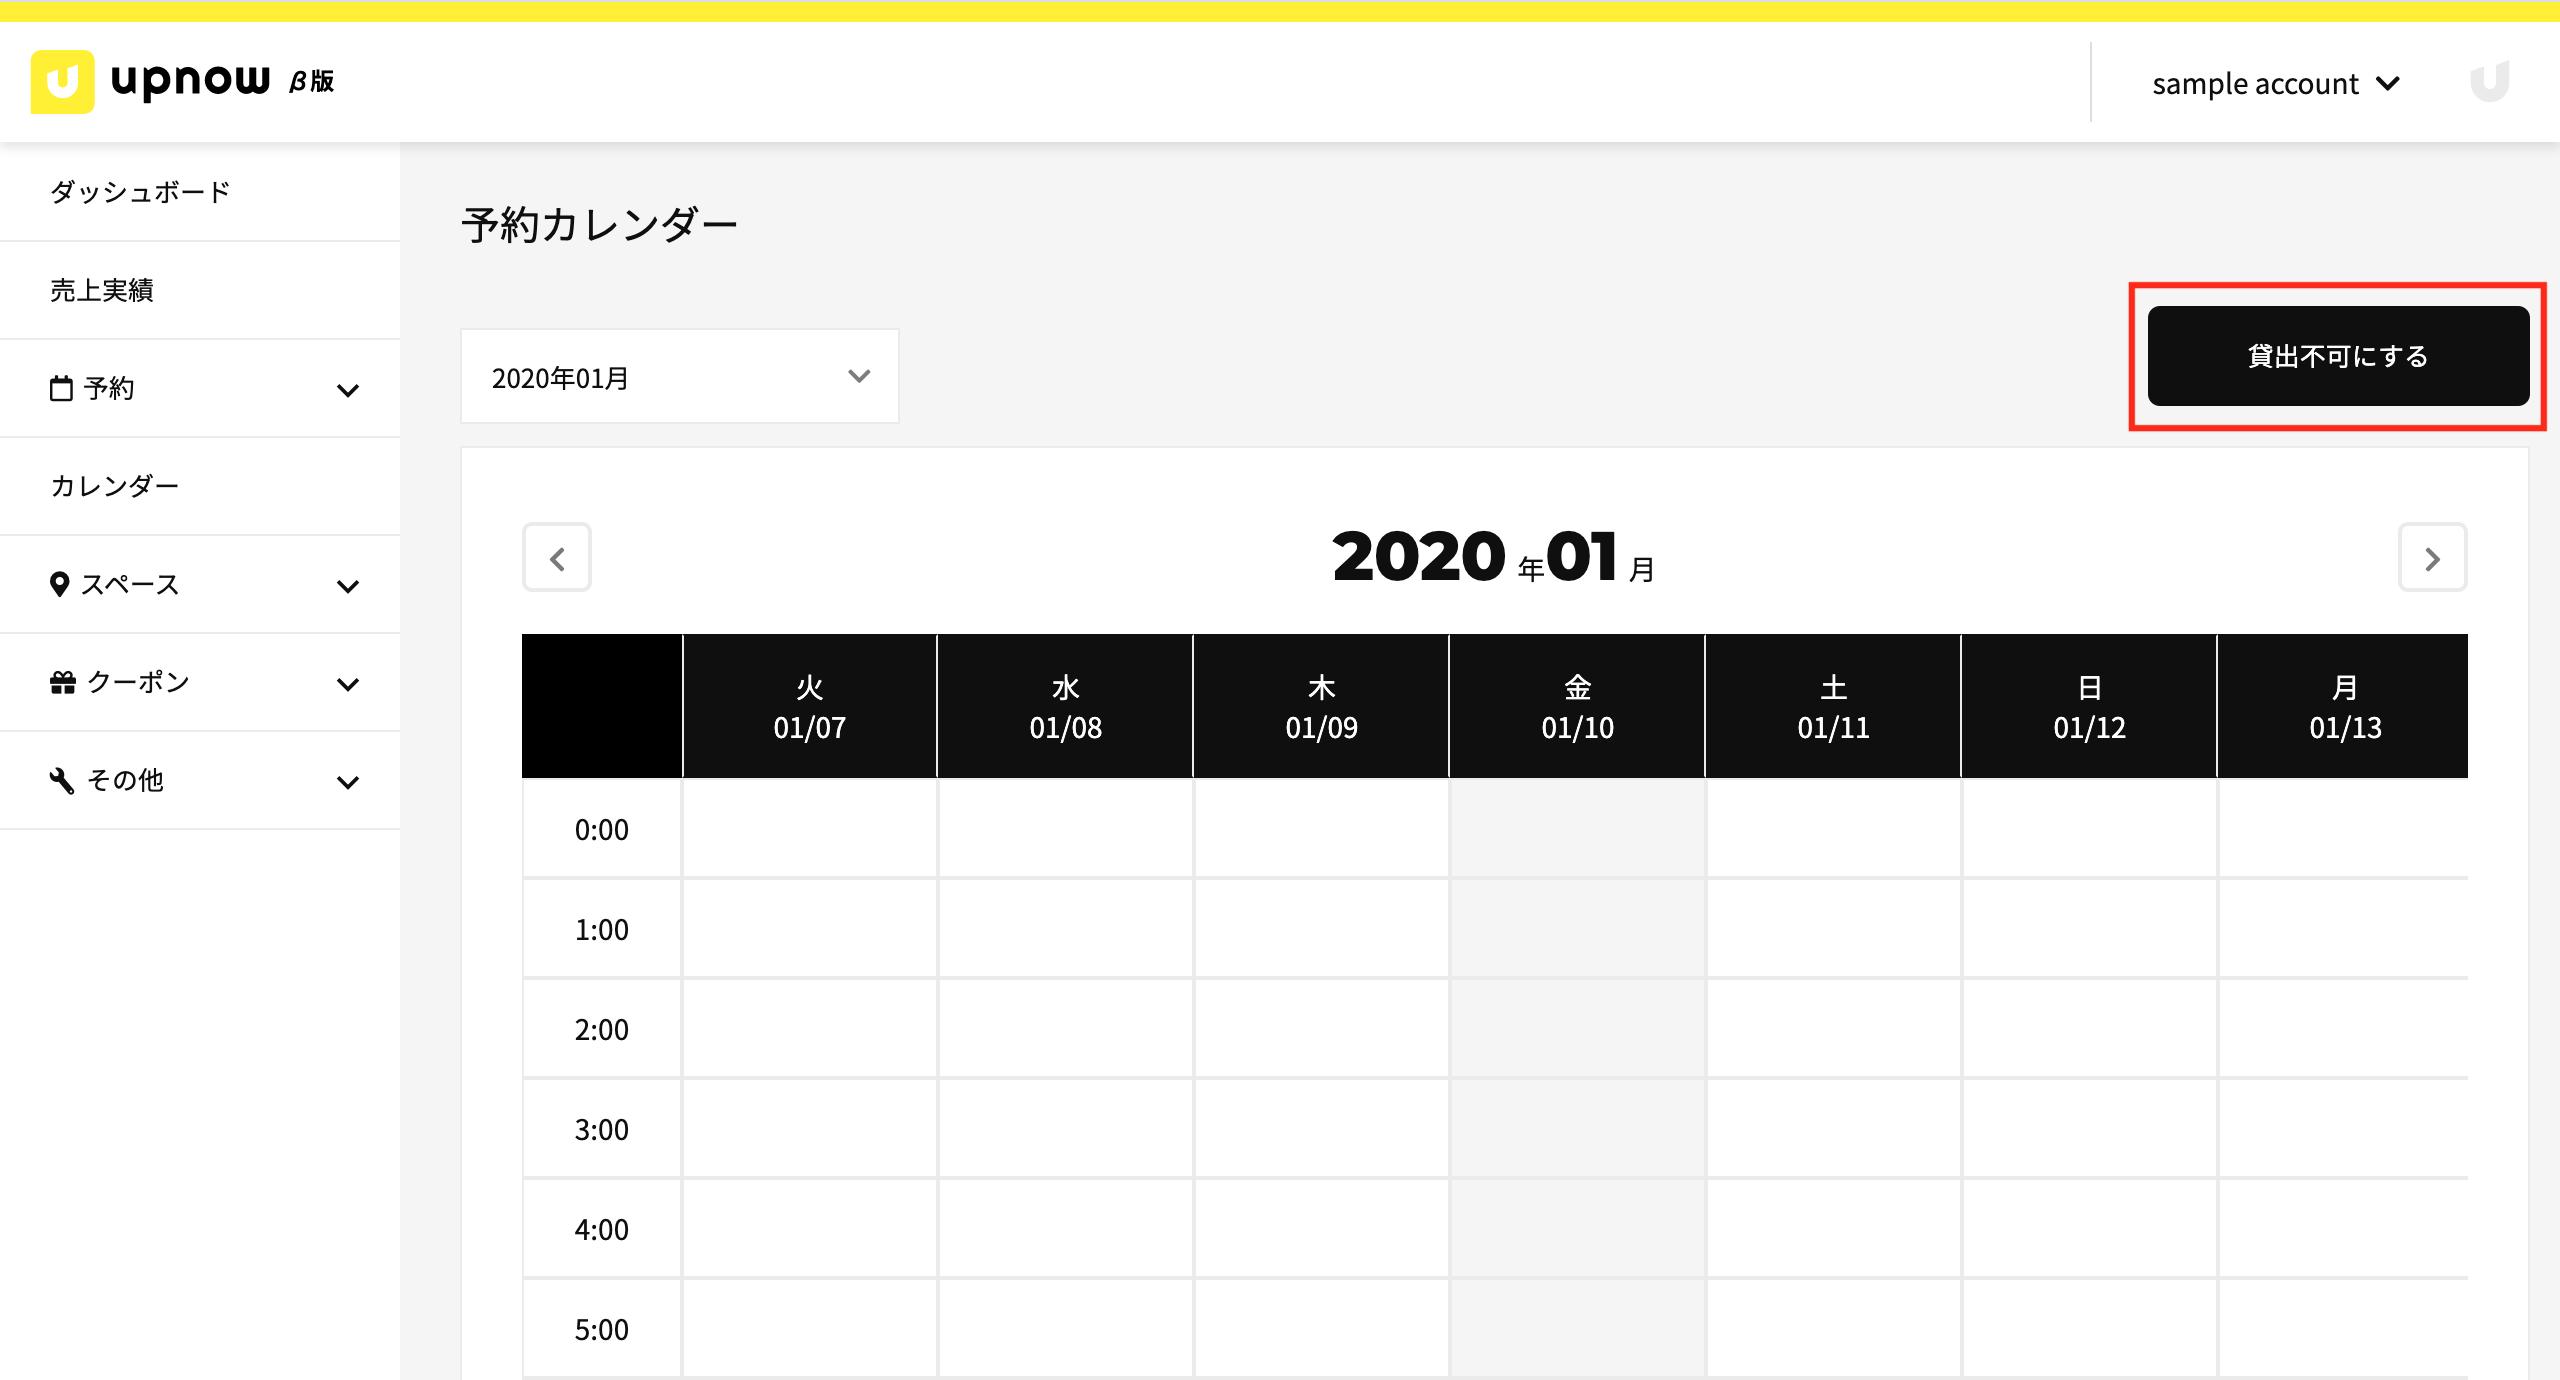 スクリーンショット 2020-01-10 15.14.46.png